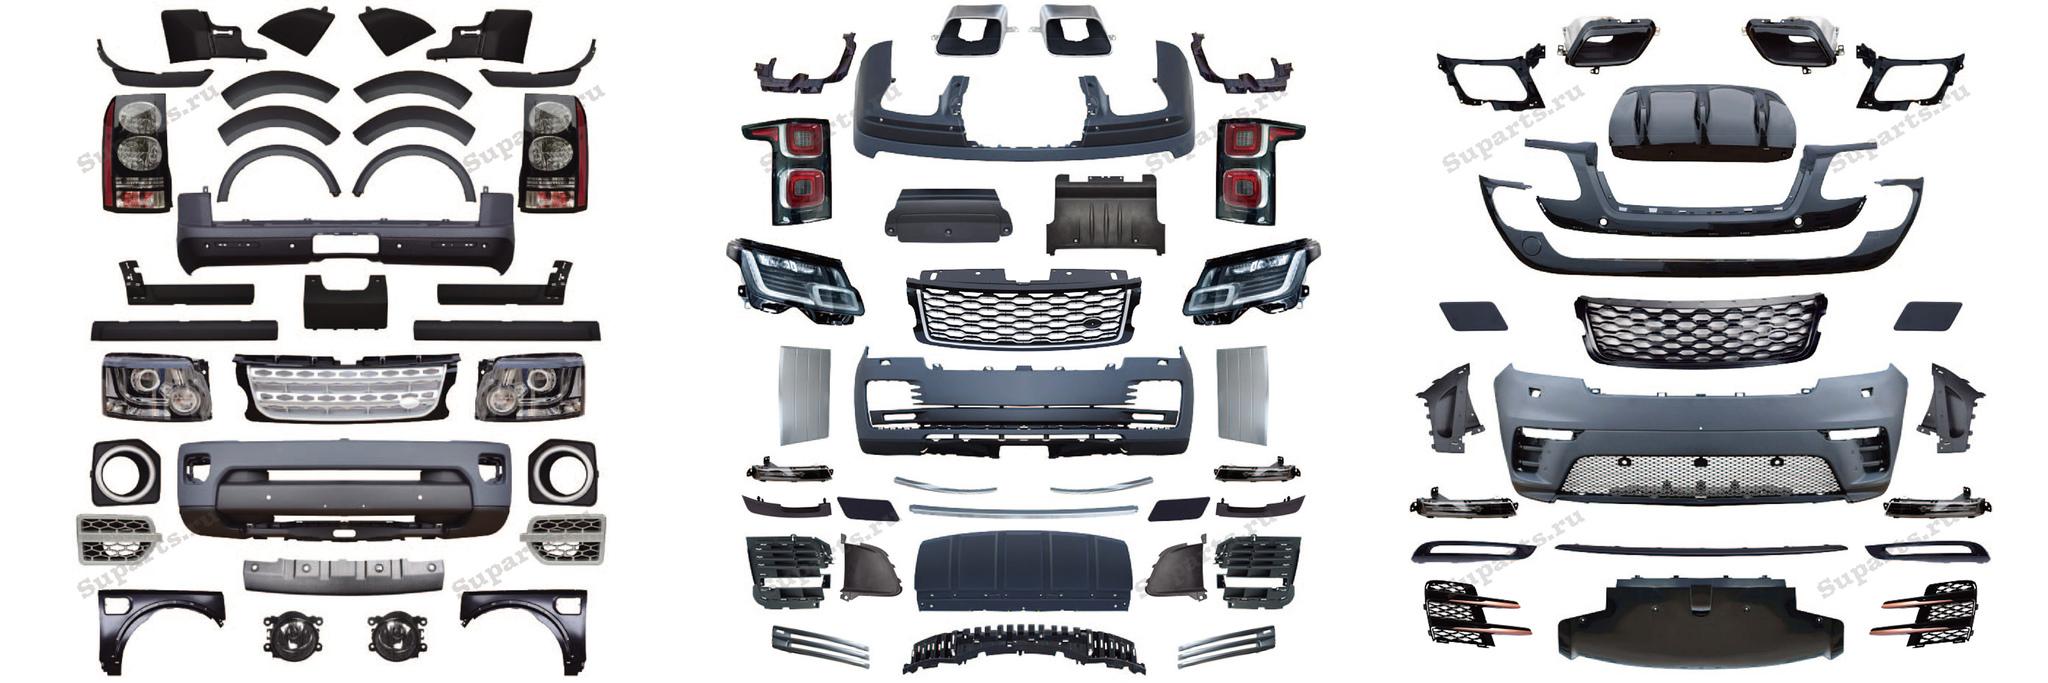 Кузовные детали и комплекты для рестайлинга автомобилей Land Rover.